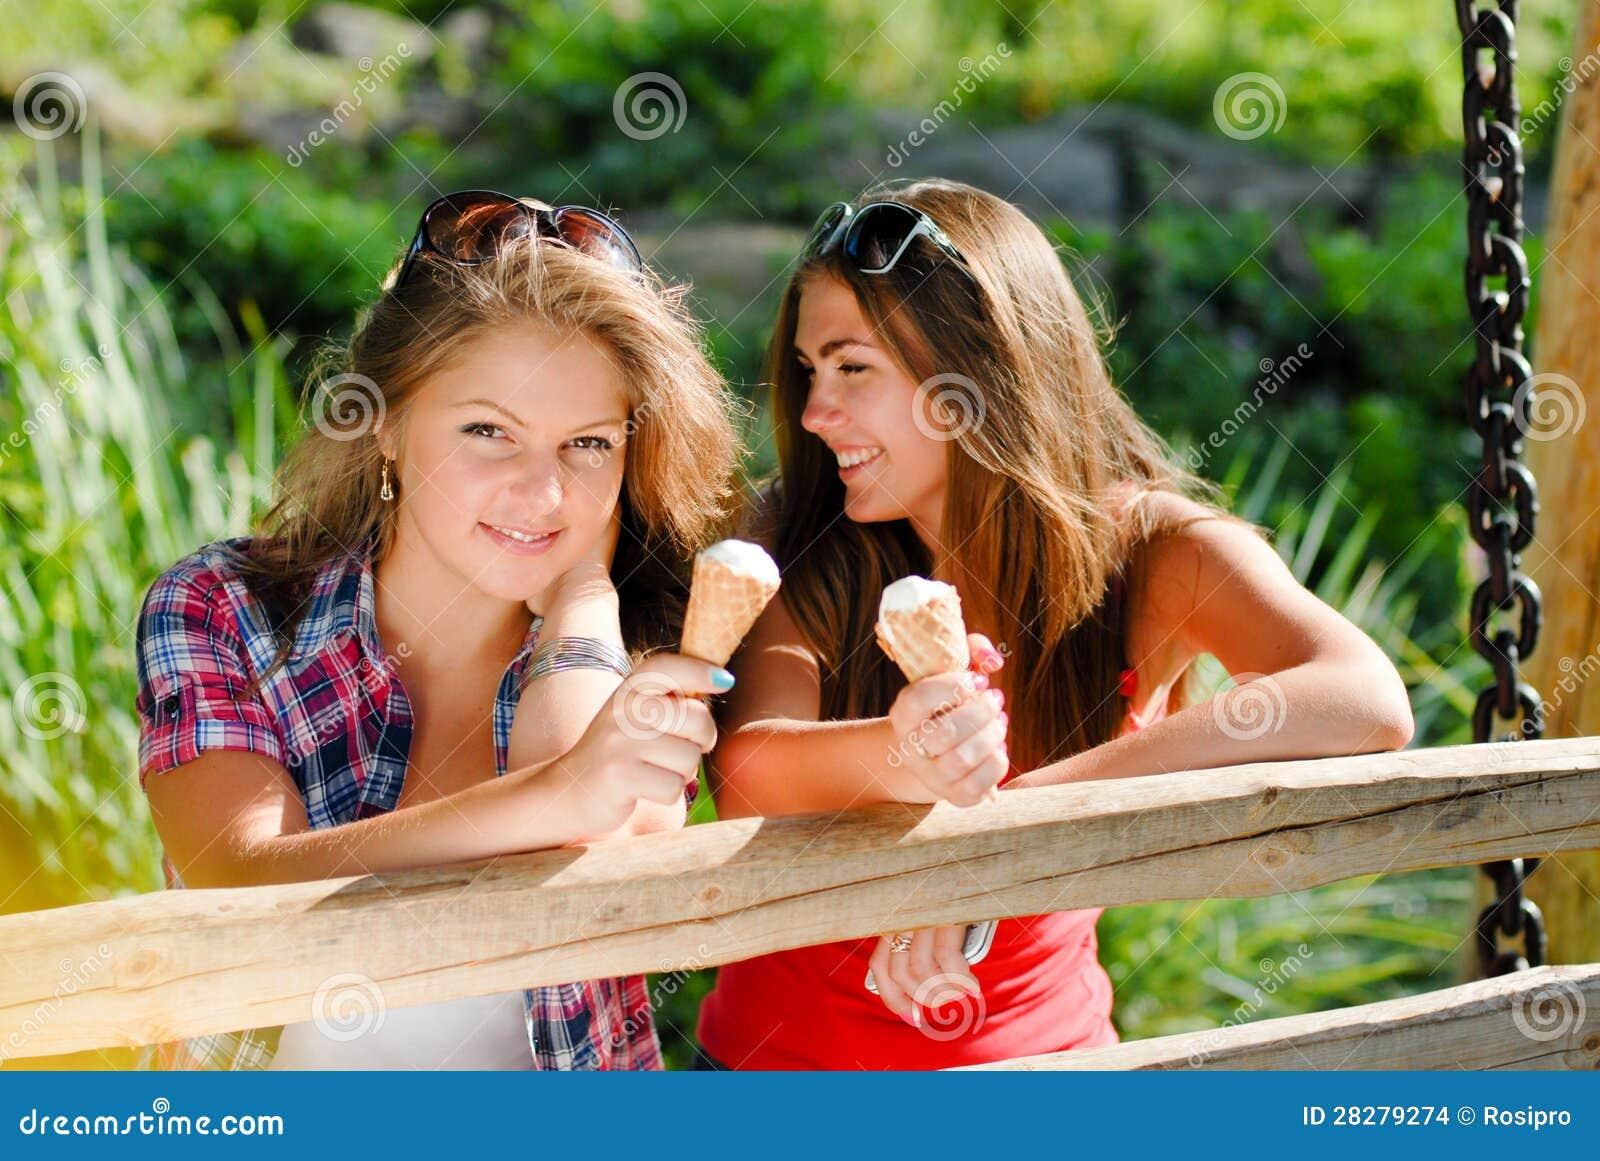 Zwei glückliche Freundinnen, die draußen Eiscreme essen